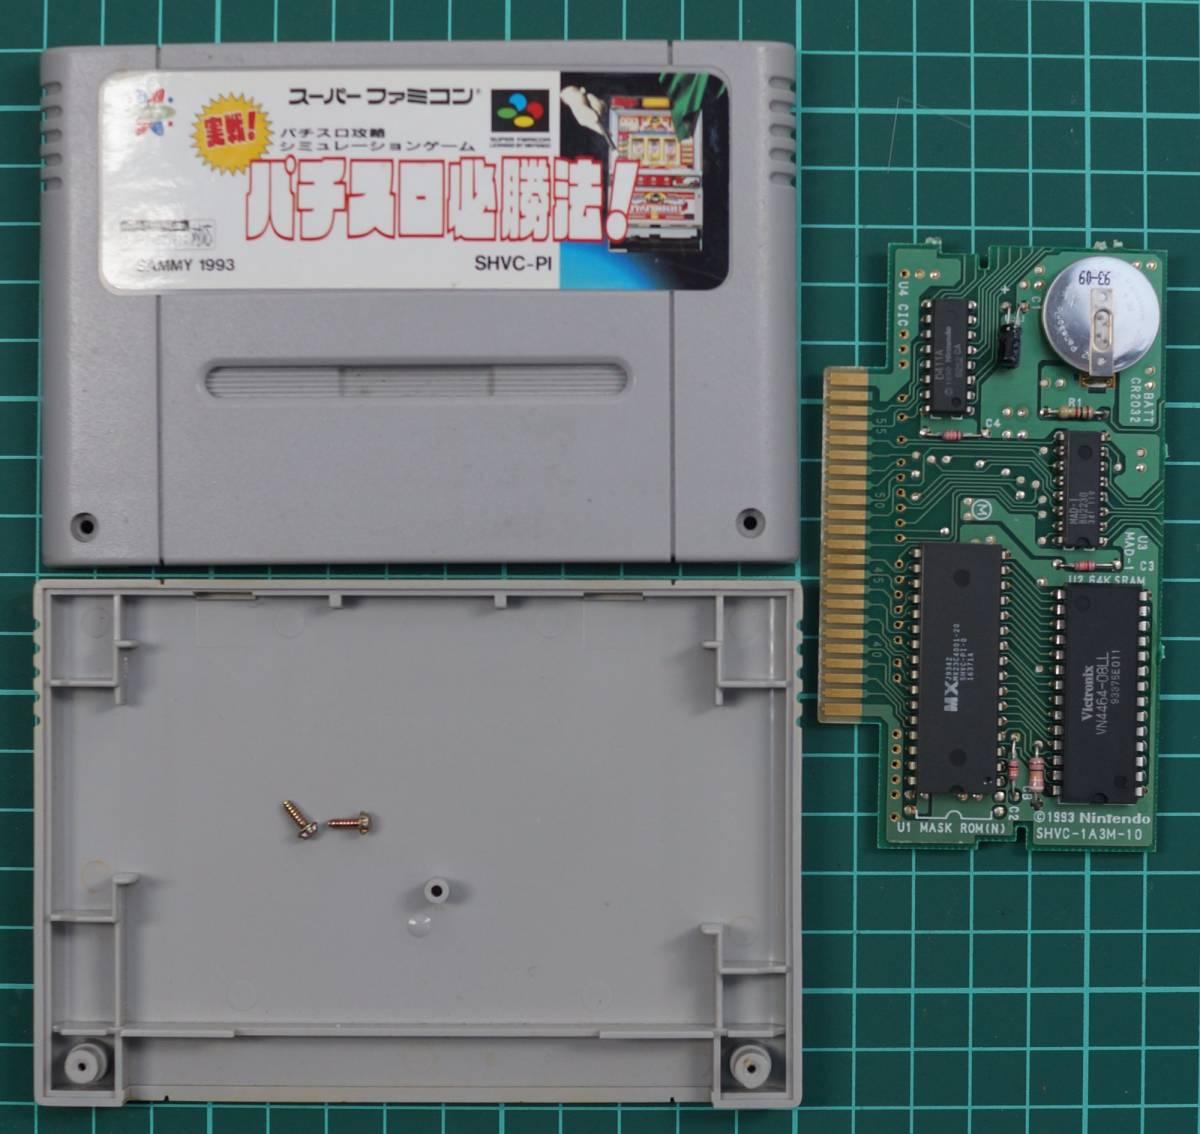 スーパーファミコン カートリッジ : 実戦!パチスロ必勝法 SHVC-PI